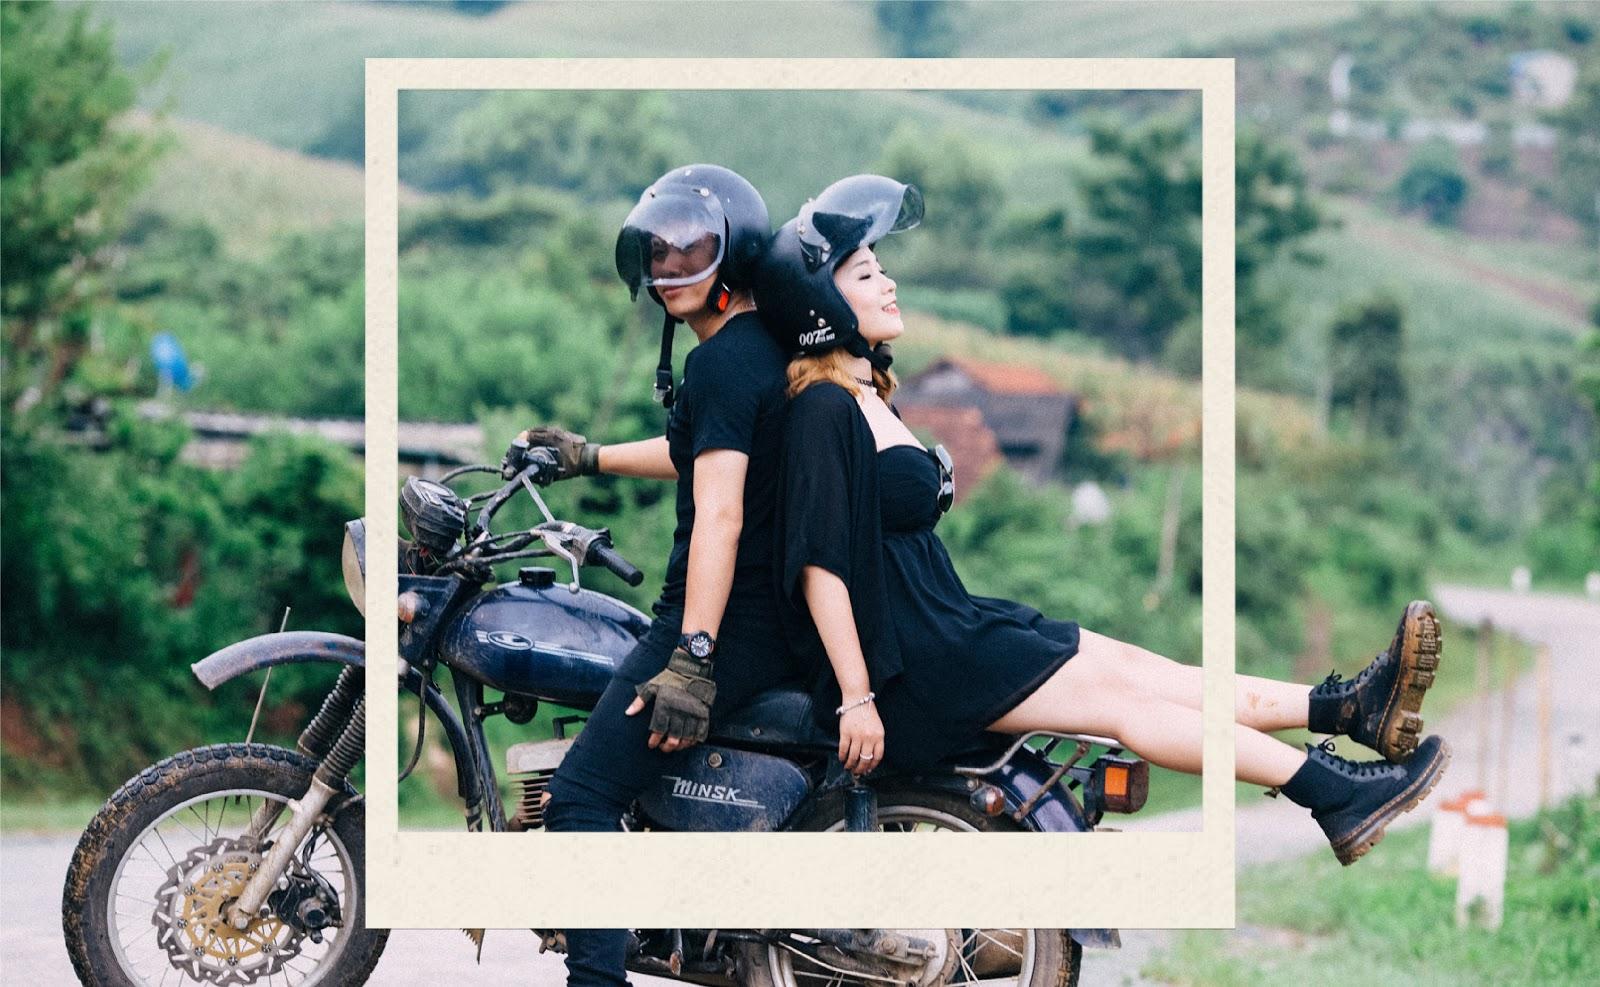 Tham gia cuộc thi ảnh cực chất cùng OKXE và rinh ngay chuyến du lịch Bangkok, Thái Lan - Ảnh 4.